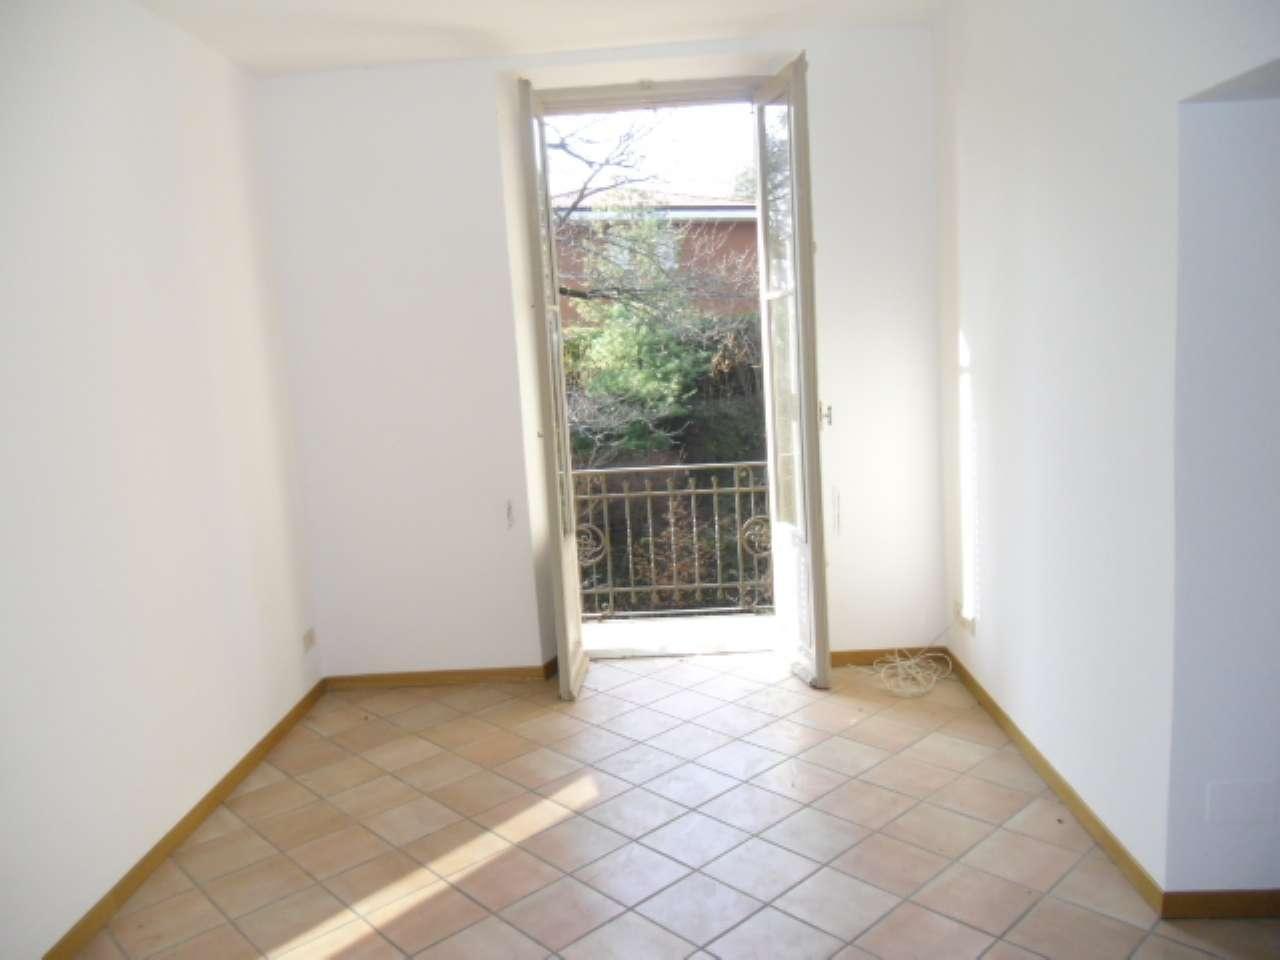 Appartamento in affitto a Varese, 2 locali, prezzo € 500 | PortaleAgenzieImmobiliari.it